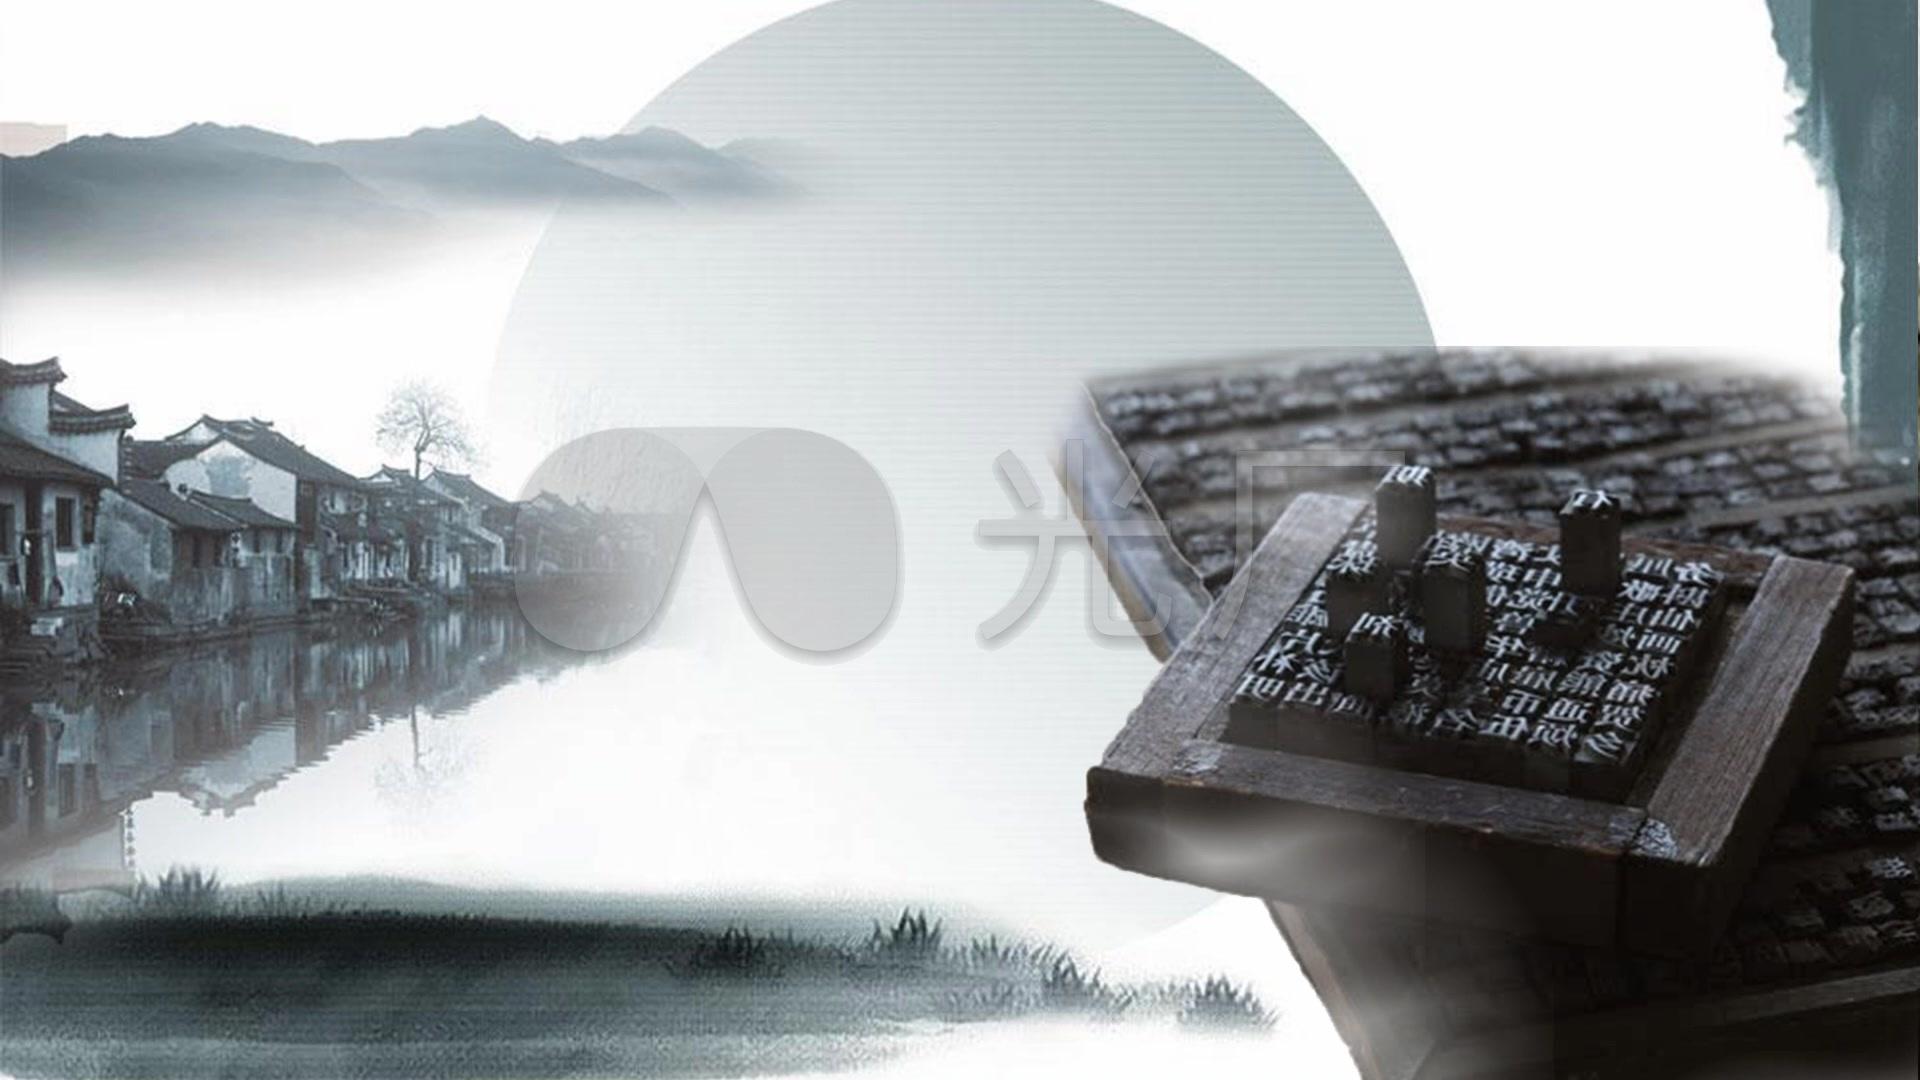 教师节教程节日素材书法山峰中国风视频水墨_文字云层做饭图片